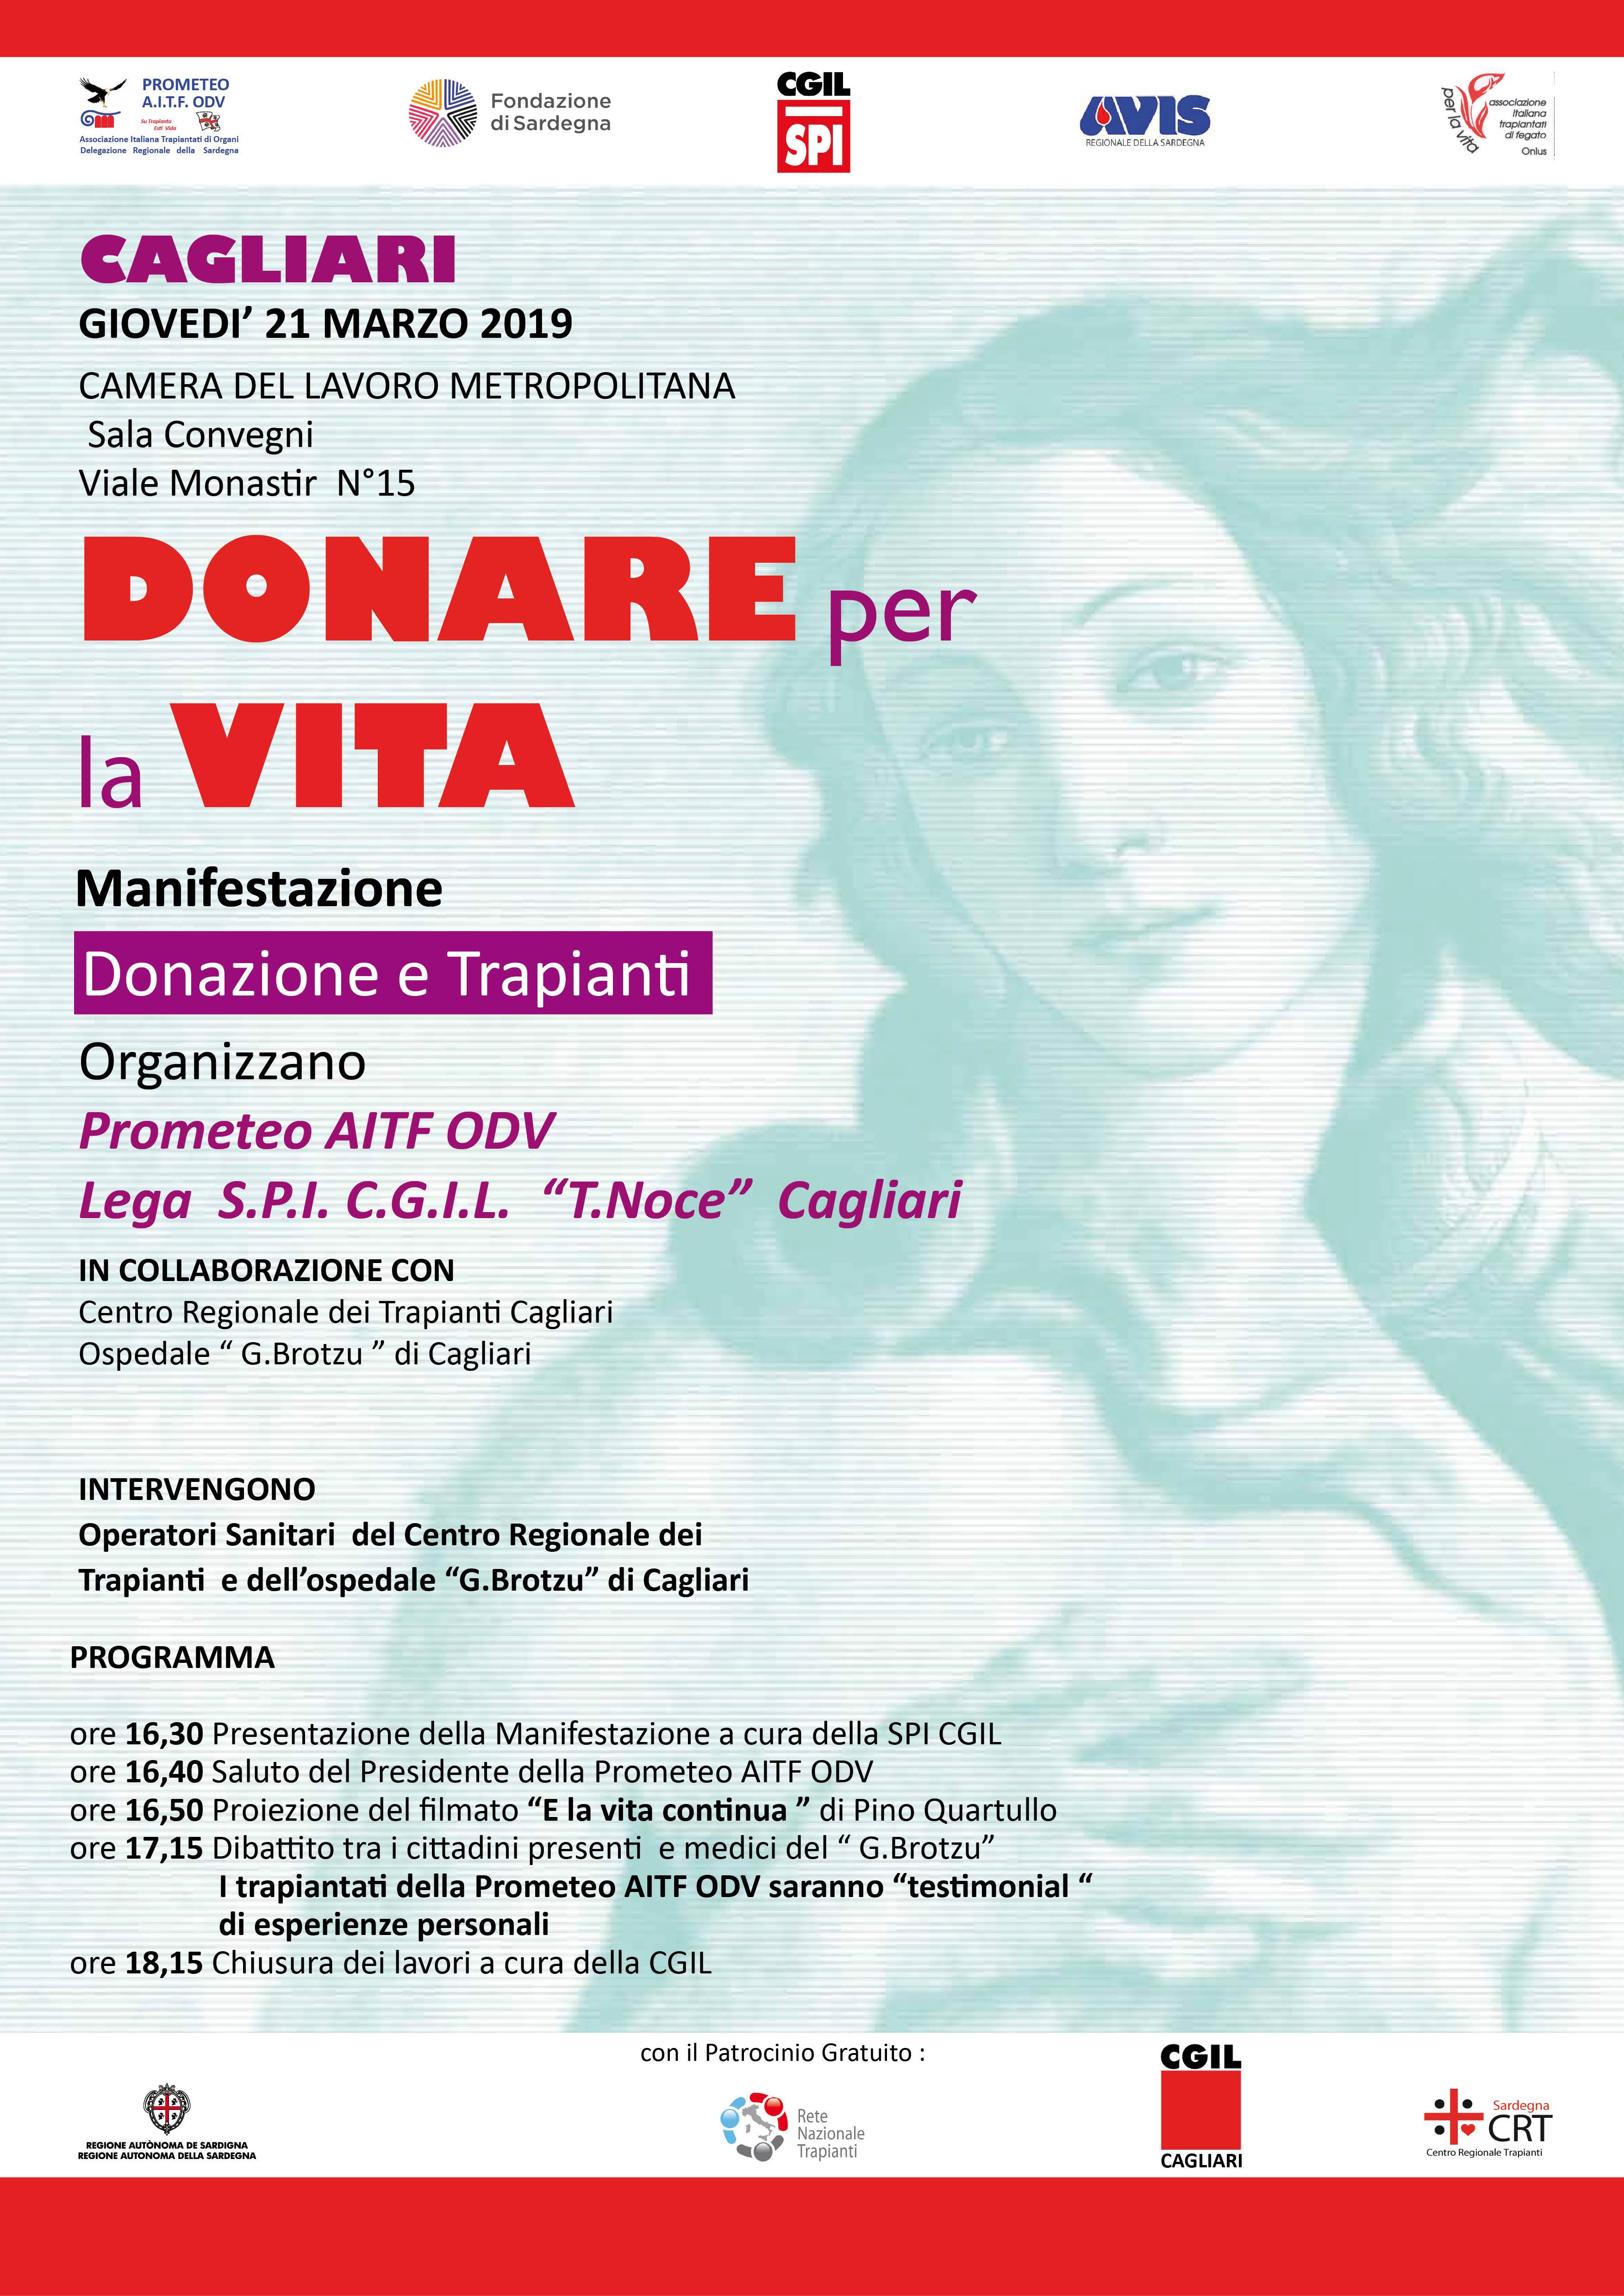 INCONTRO A CAGLIARI SU DONAZIONE E TRAPIANTO DI ORGANI